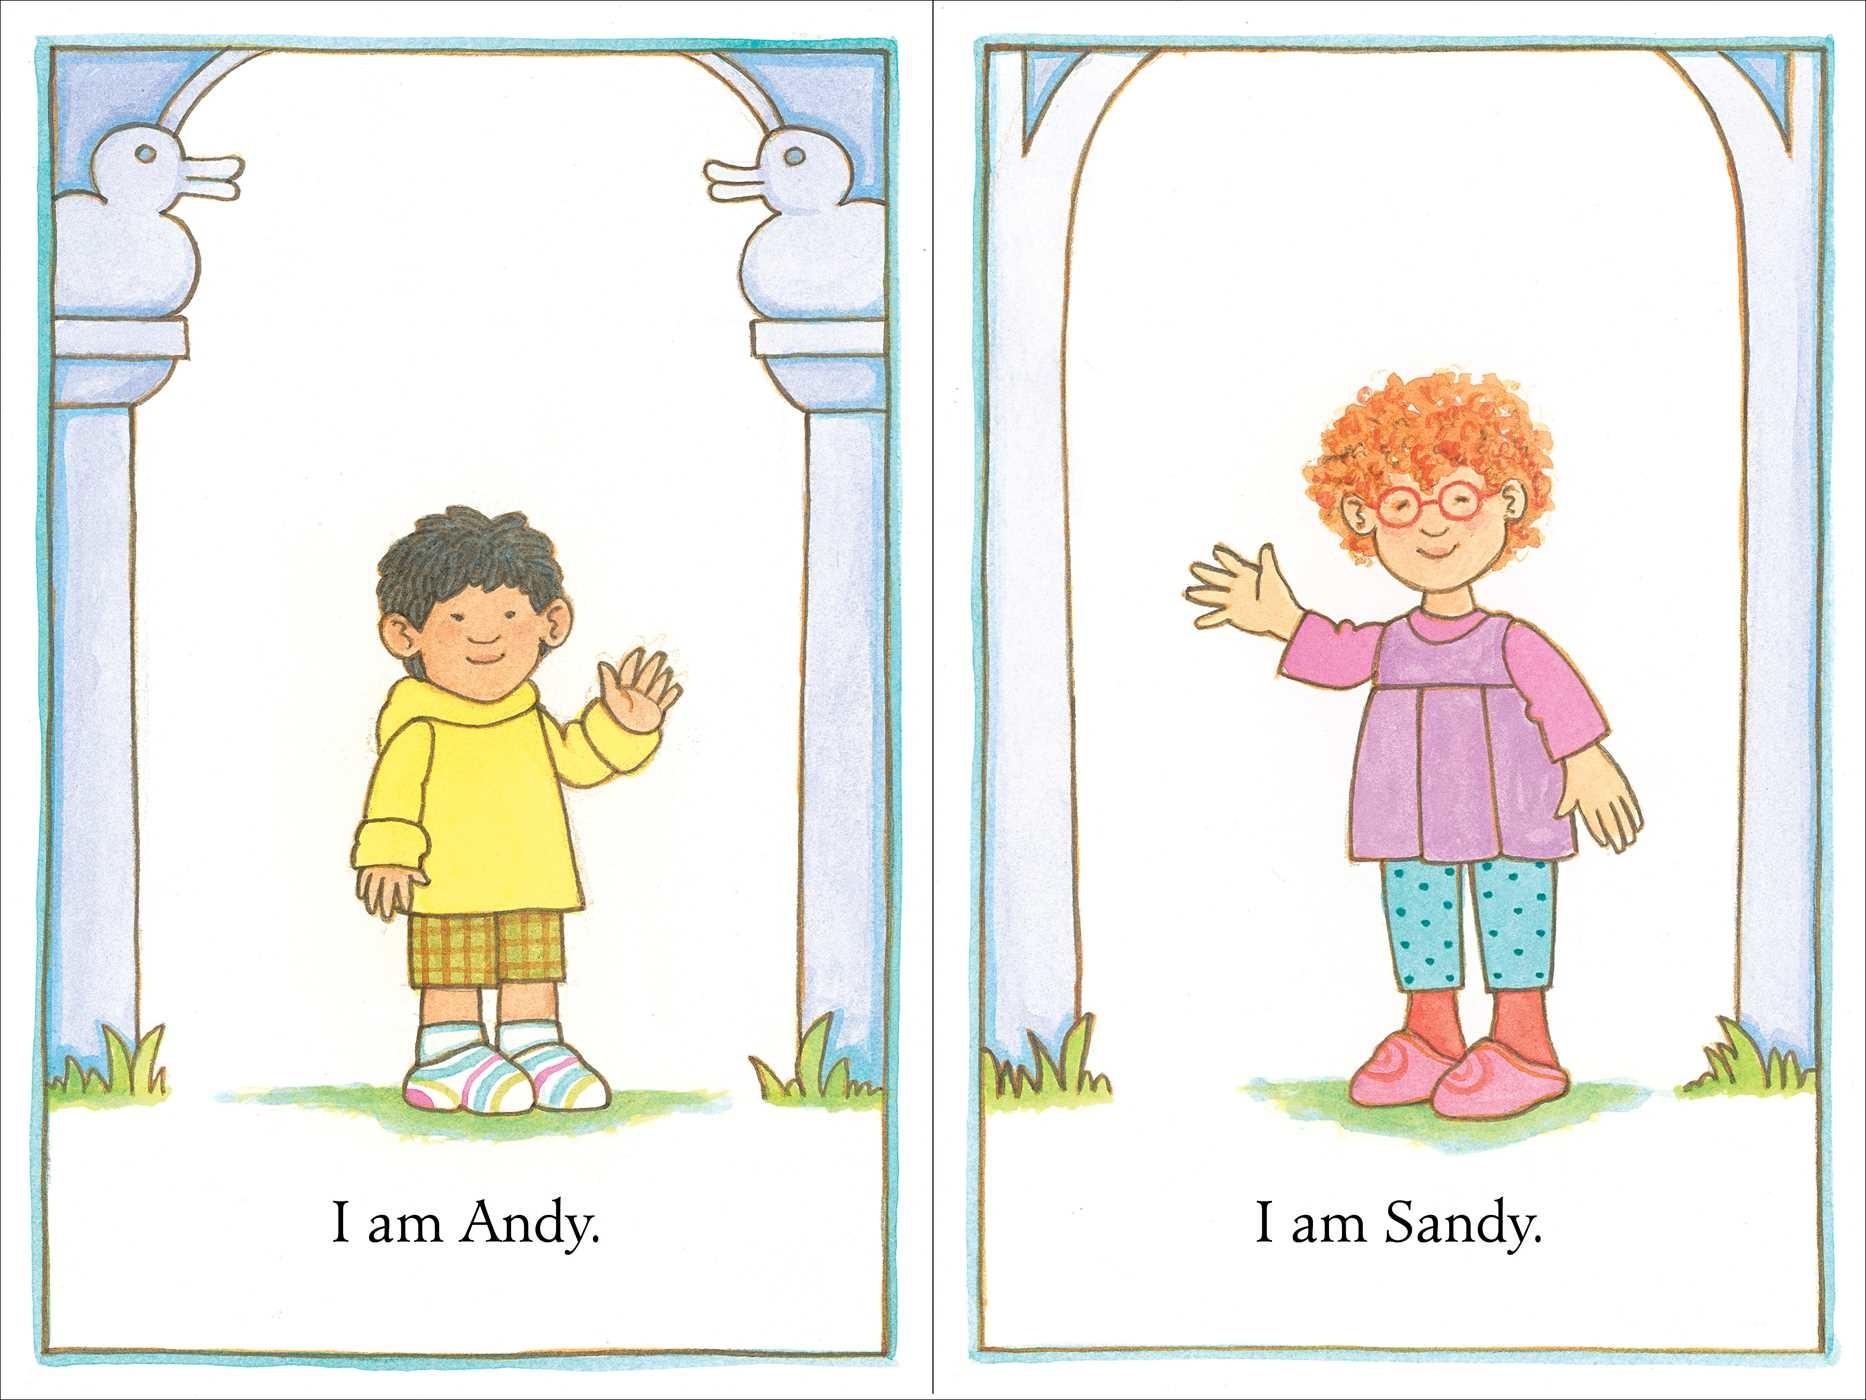 When andy met sandy 9781481441551.in01